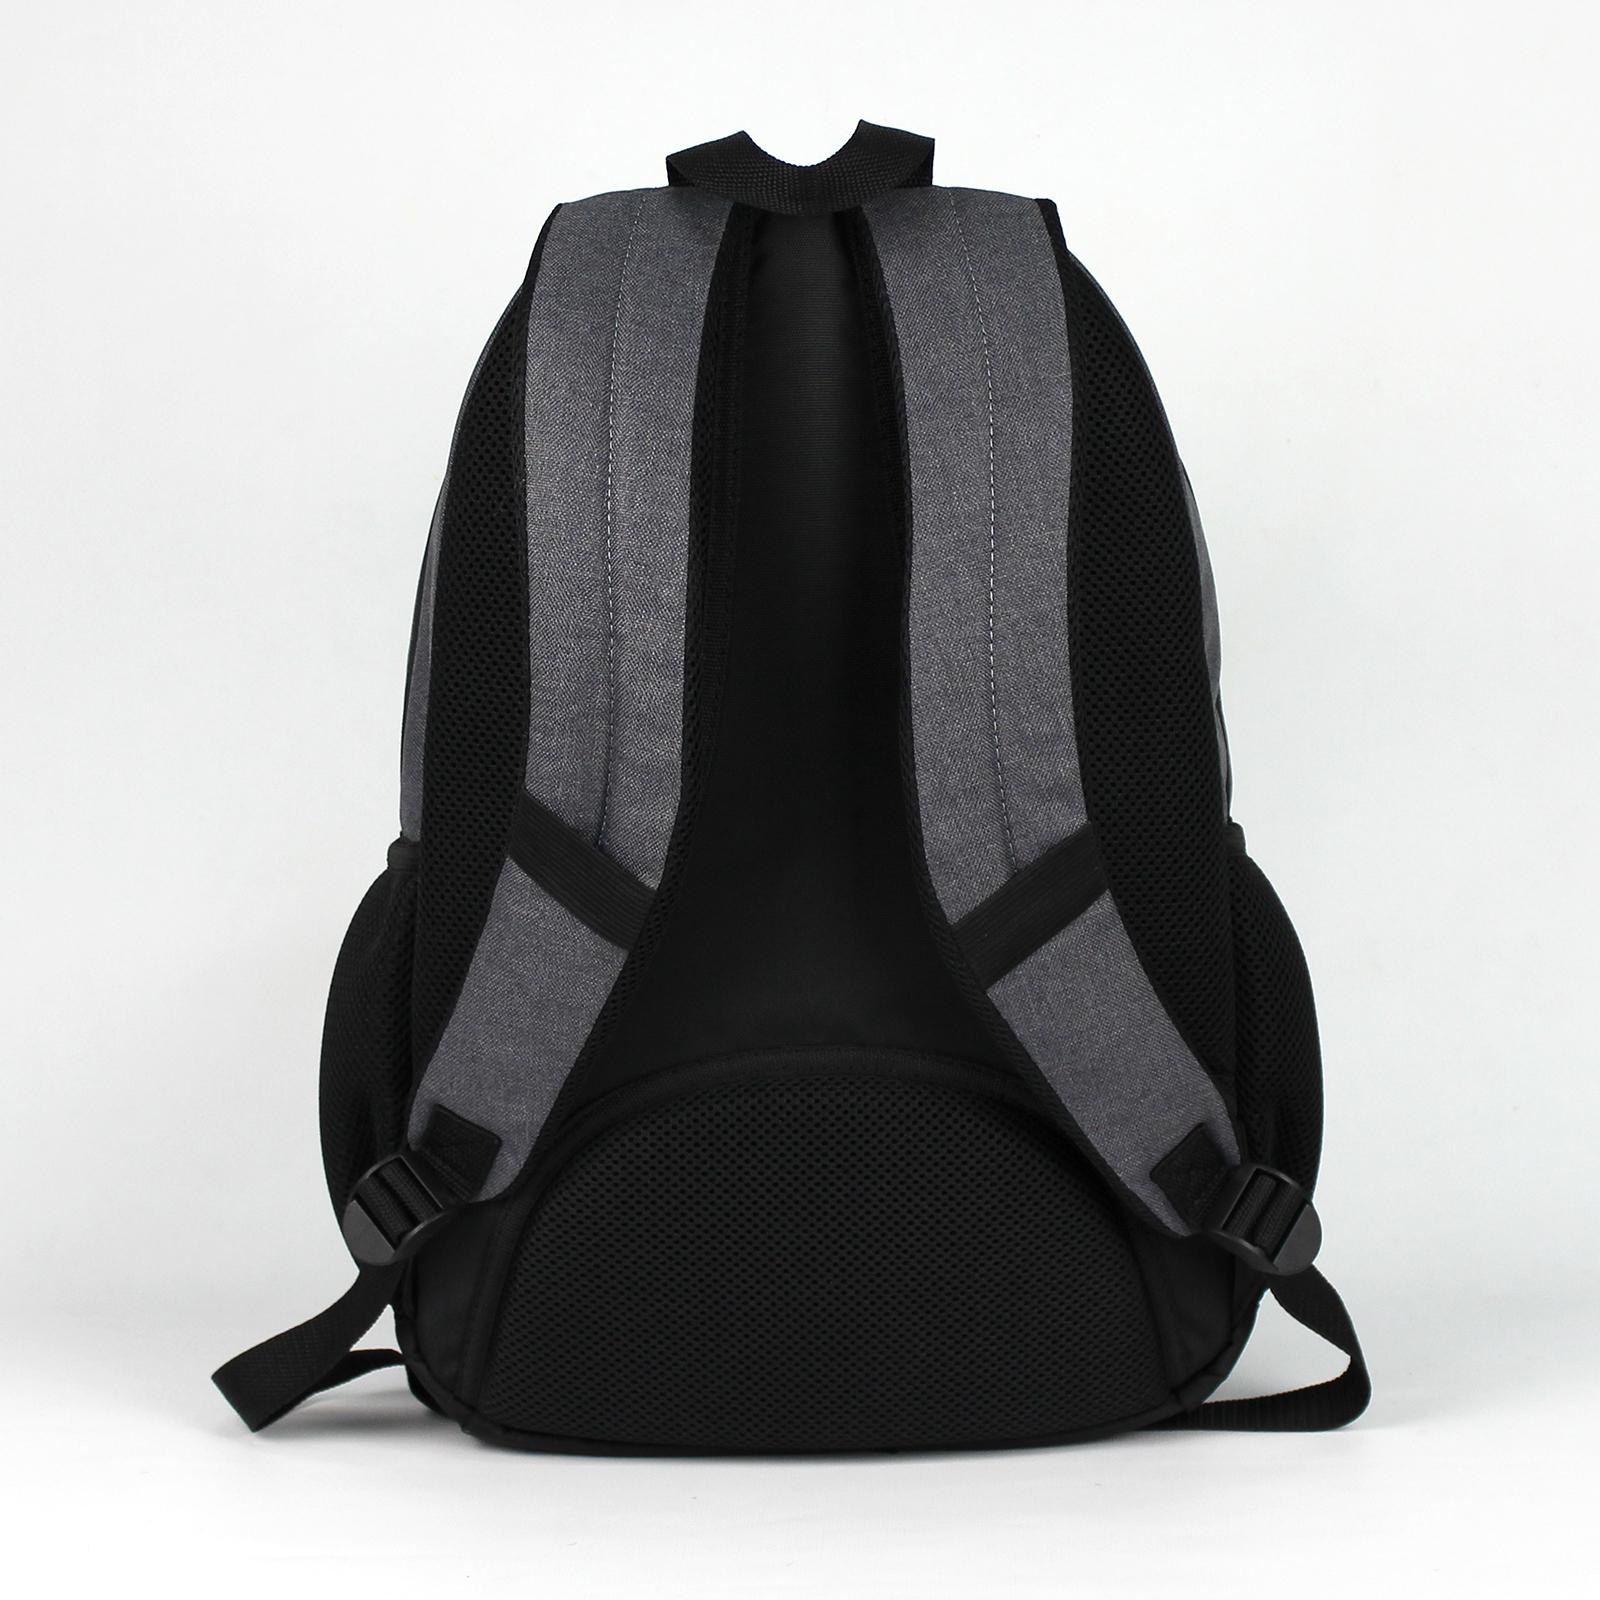 рюкзак для школы,рюкзак для тренировок,рюкзак для тренировок купить,купить рюкзак для тренировок,купить школьный рюкзак